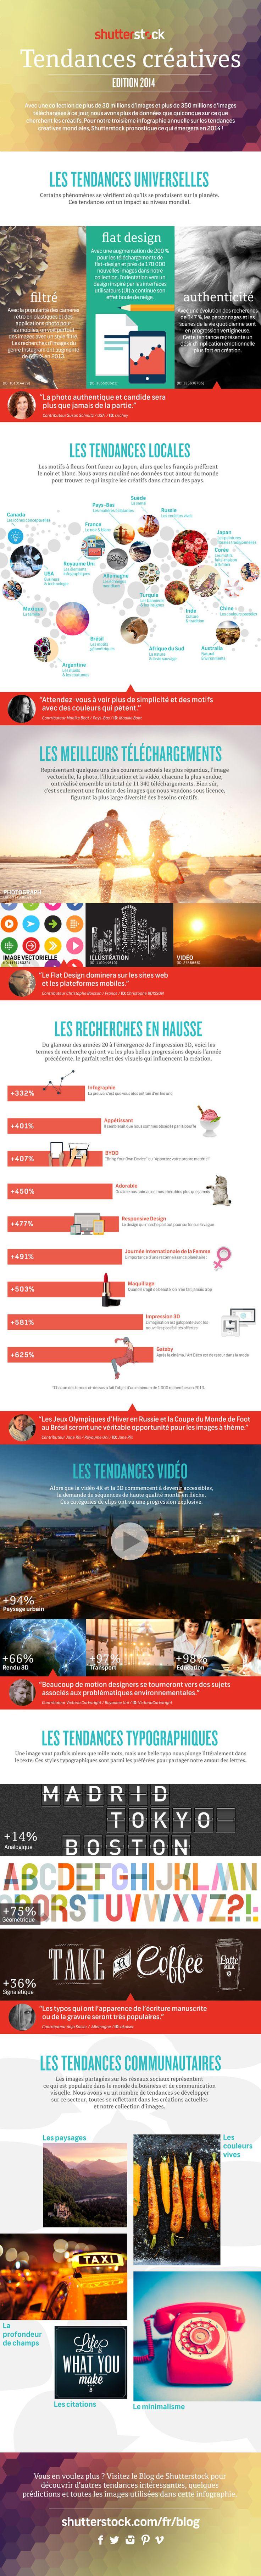 [Infographie] Images filtrées ou flat design ? Les tendances visuelles de l'année 2014 - Maddyness